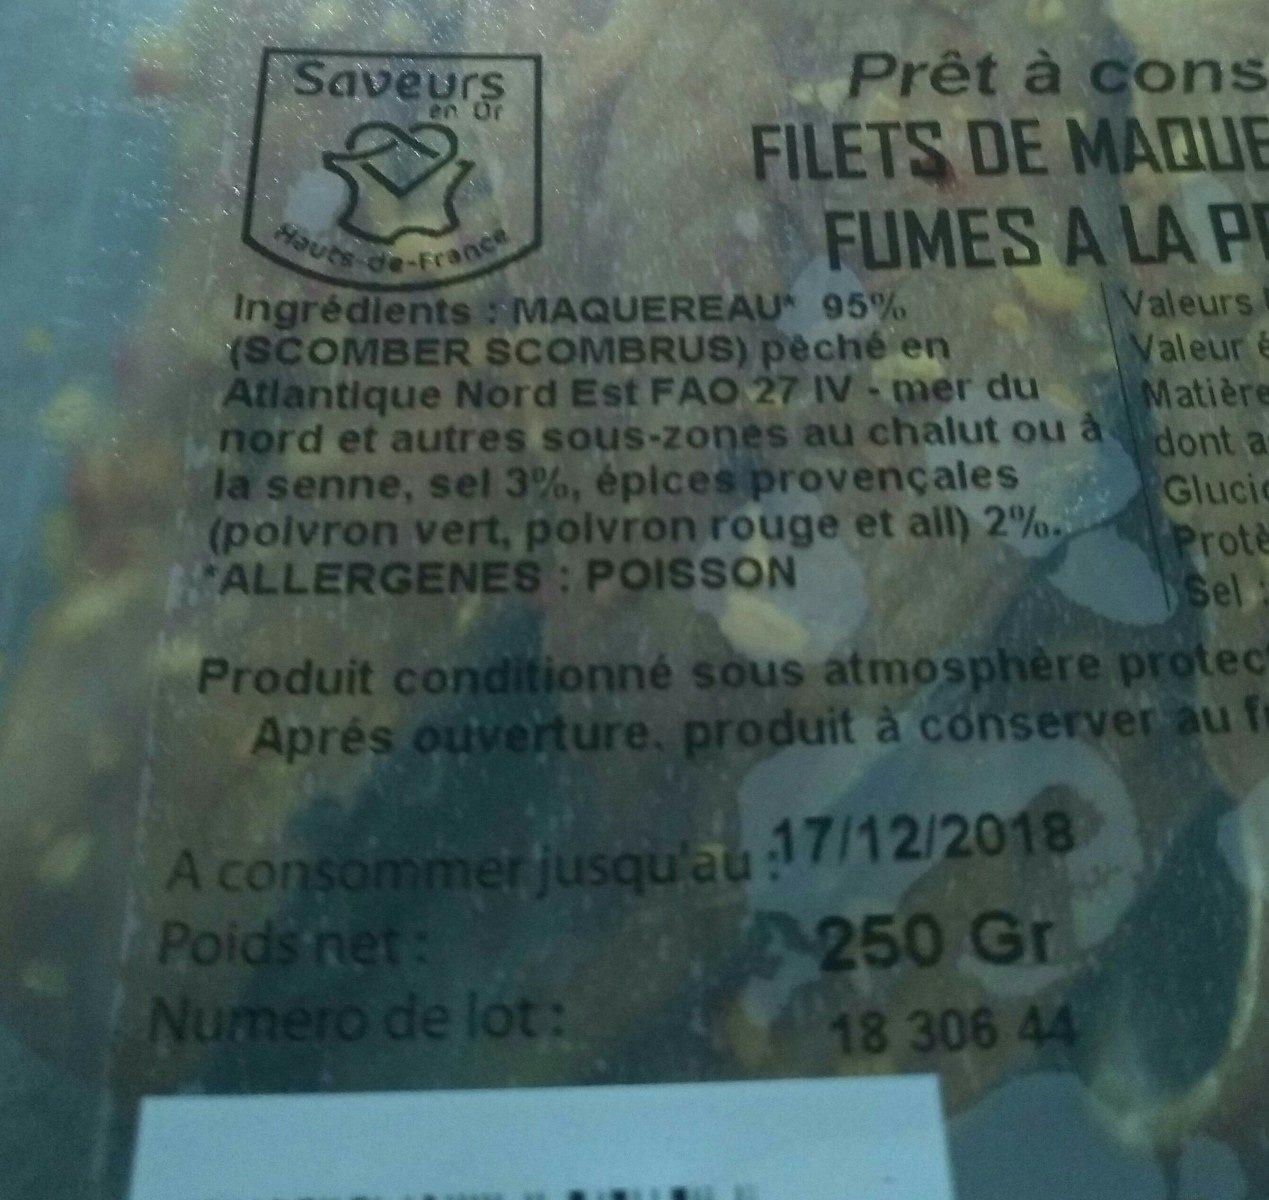 Filets de maquereau cuits fumes à la provençale - Ingredients - fr